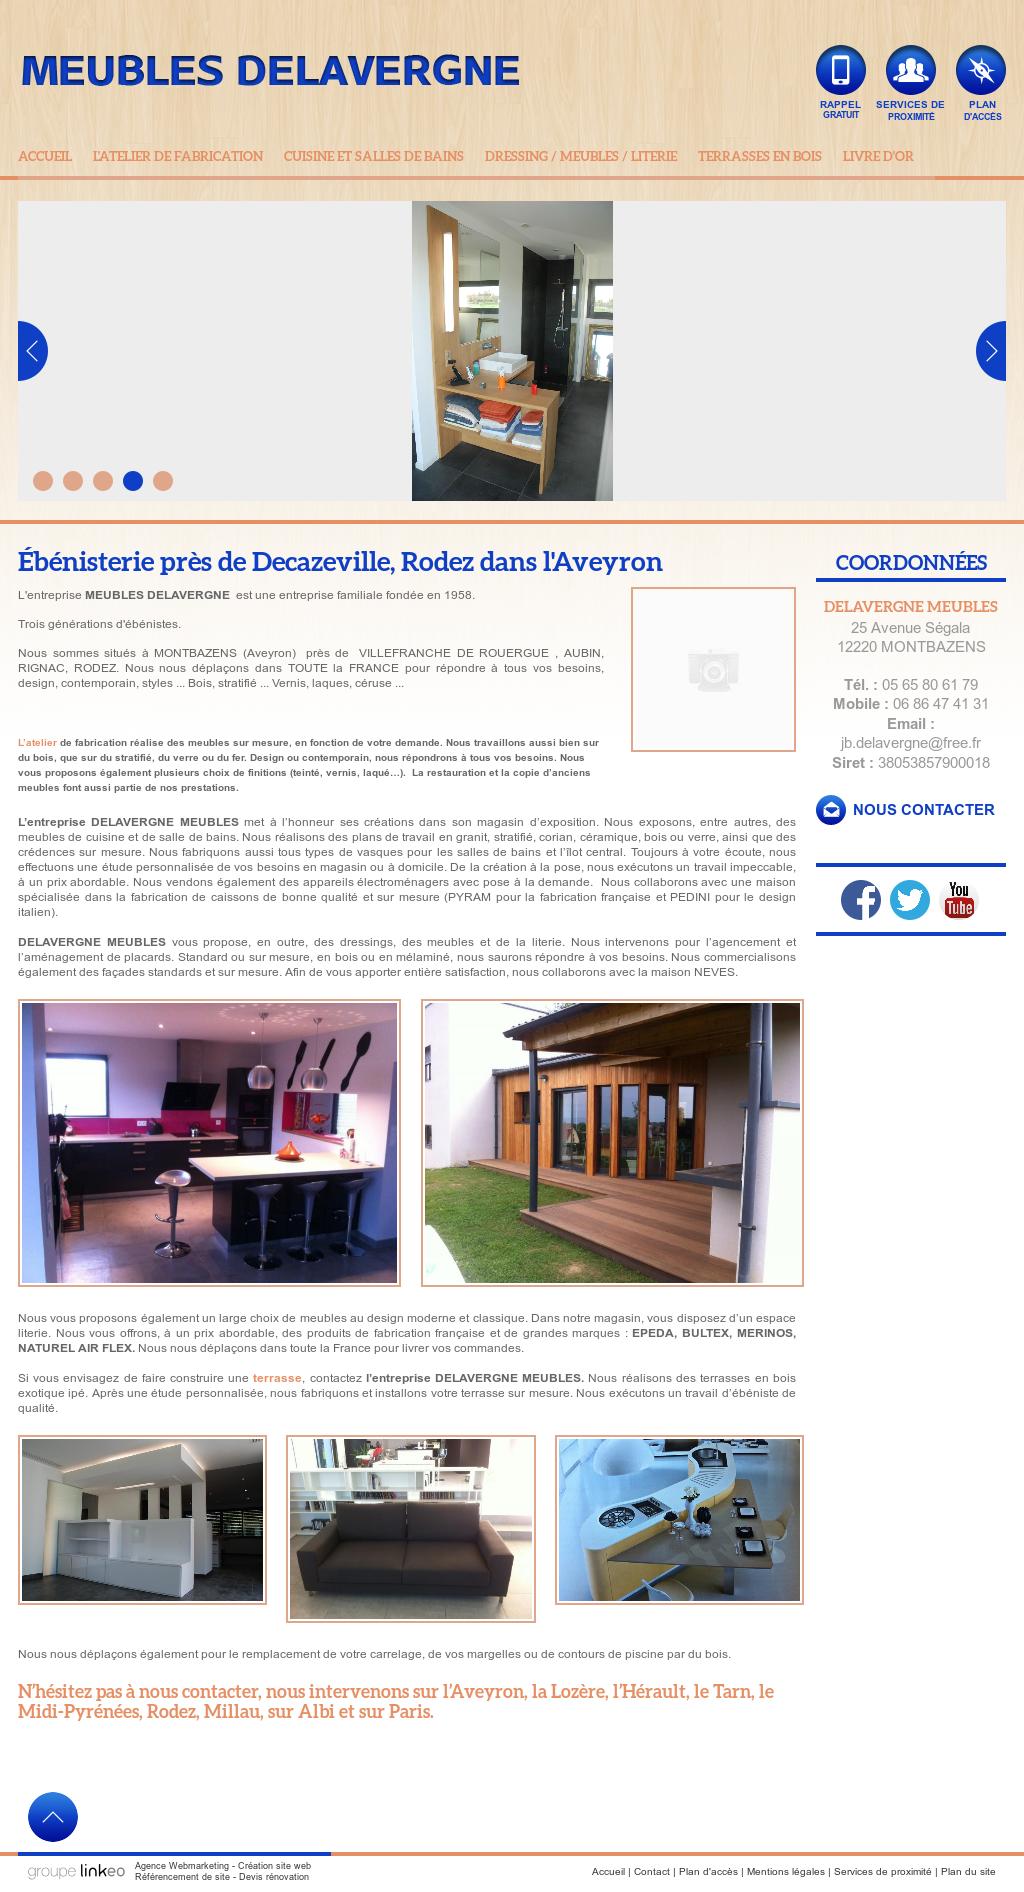 La Maison Du Dressing meubles delavergne competitors, revenue and employees